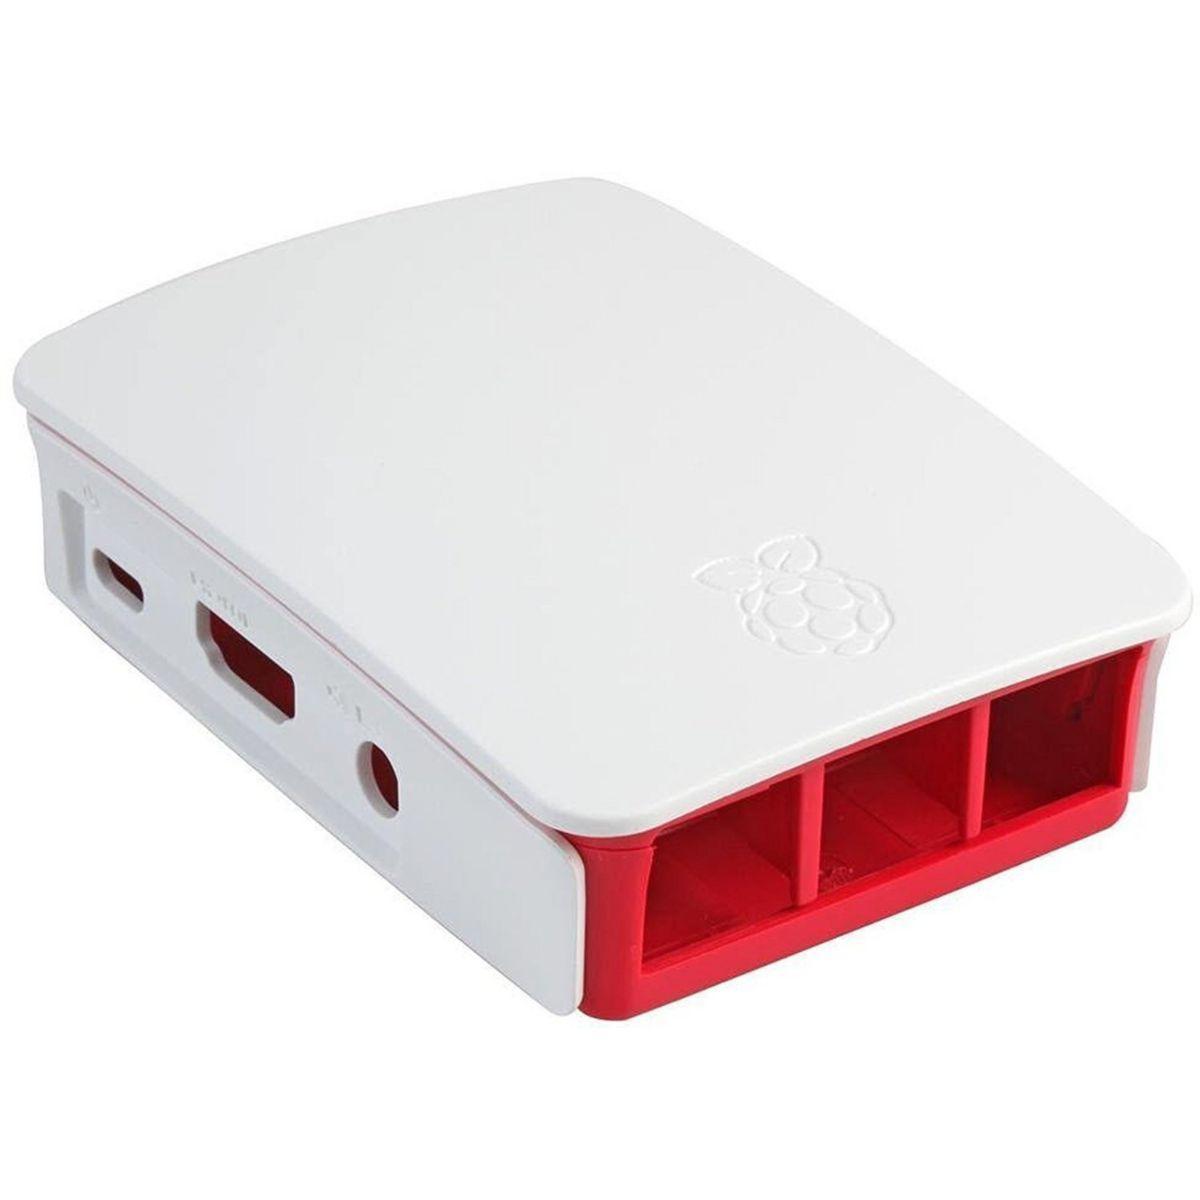 Boitier pc raspberry pi 3 case blanc - 2% de remise imm�diate avec le code : school2 (photo)